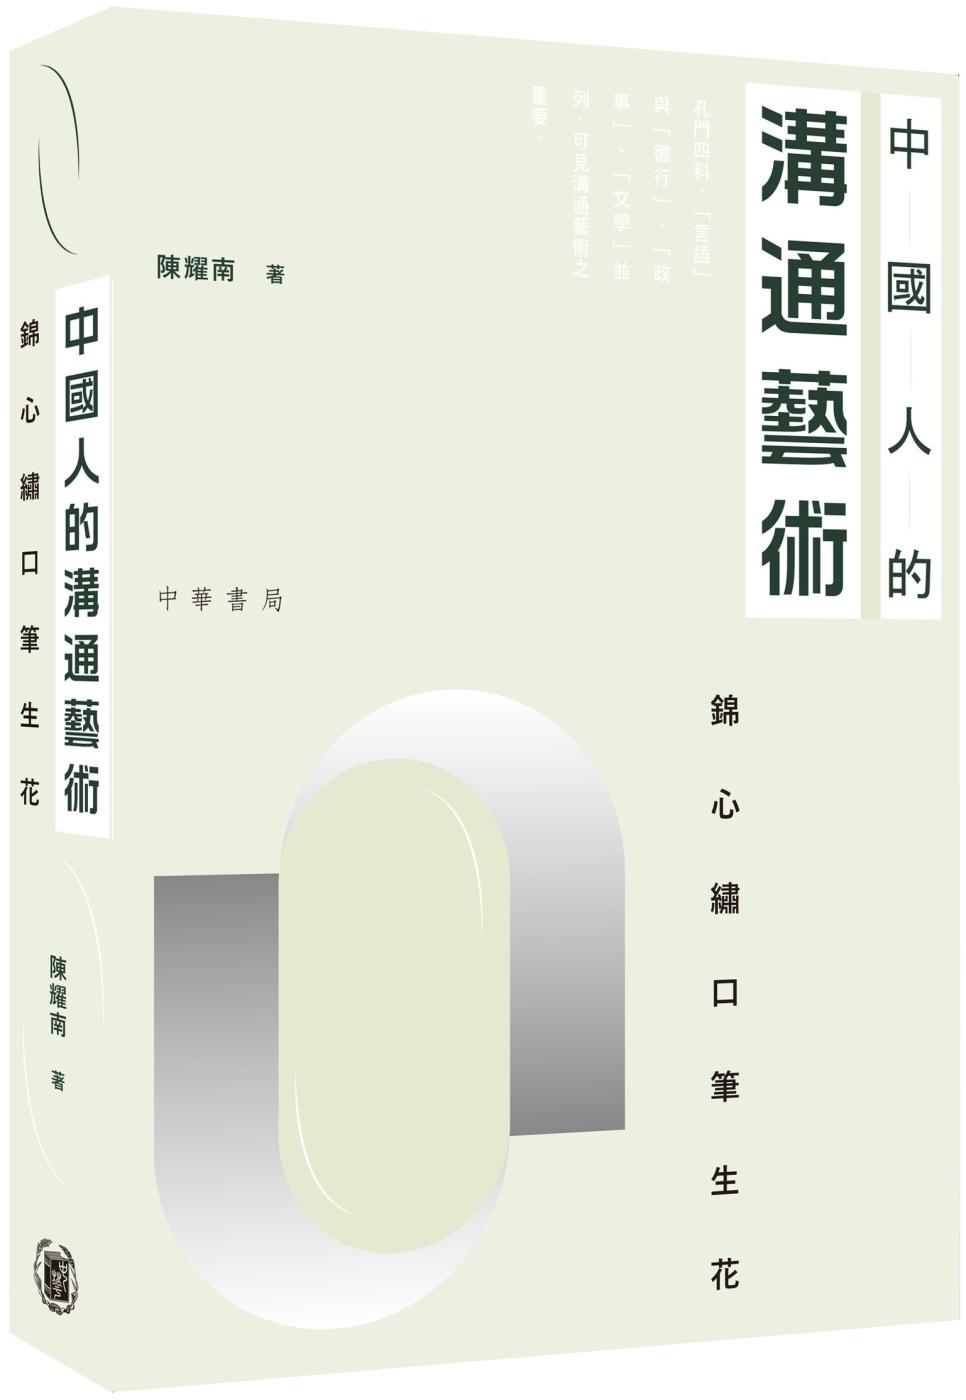 中國人的溝通藝術...